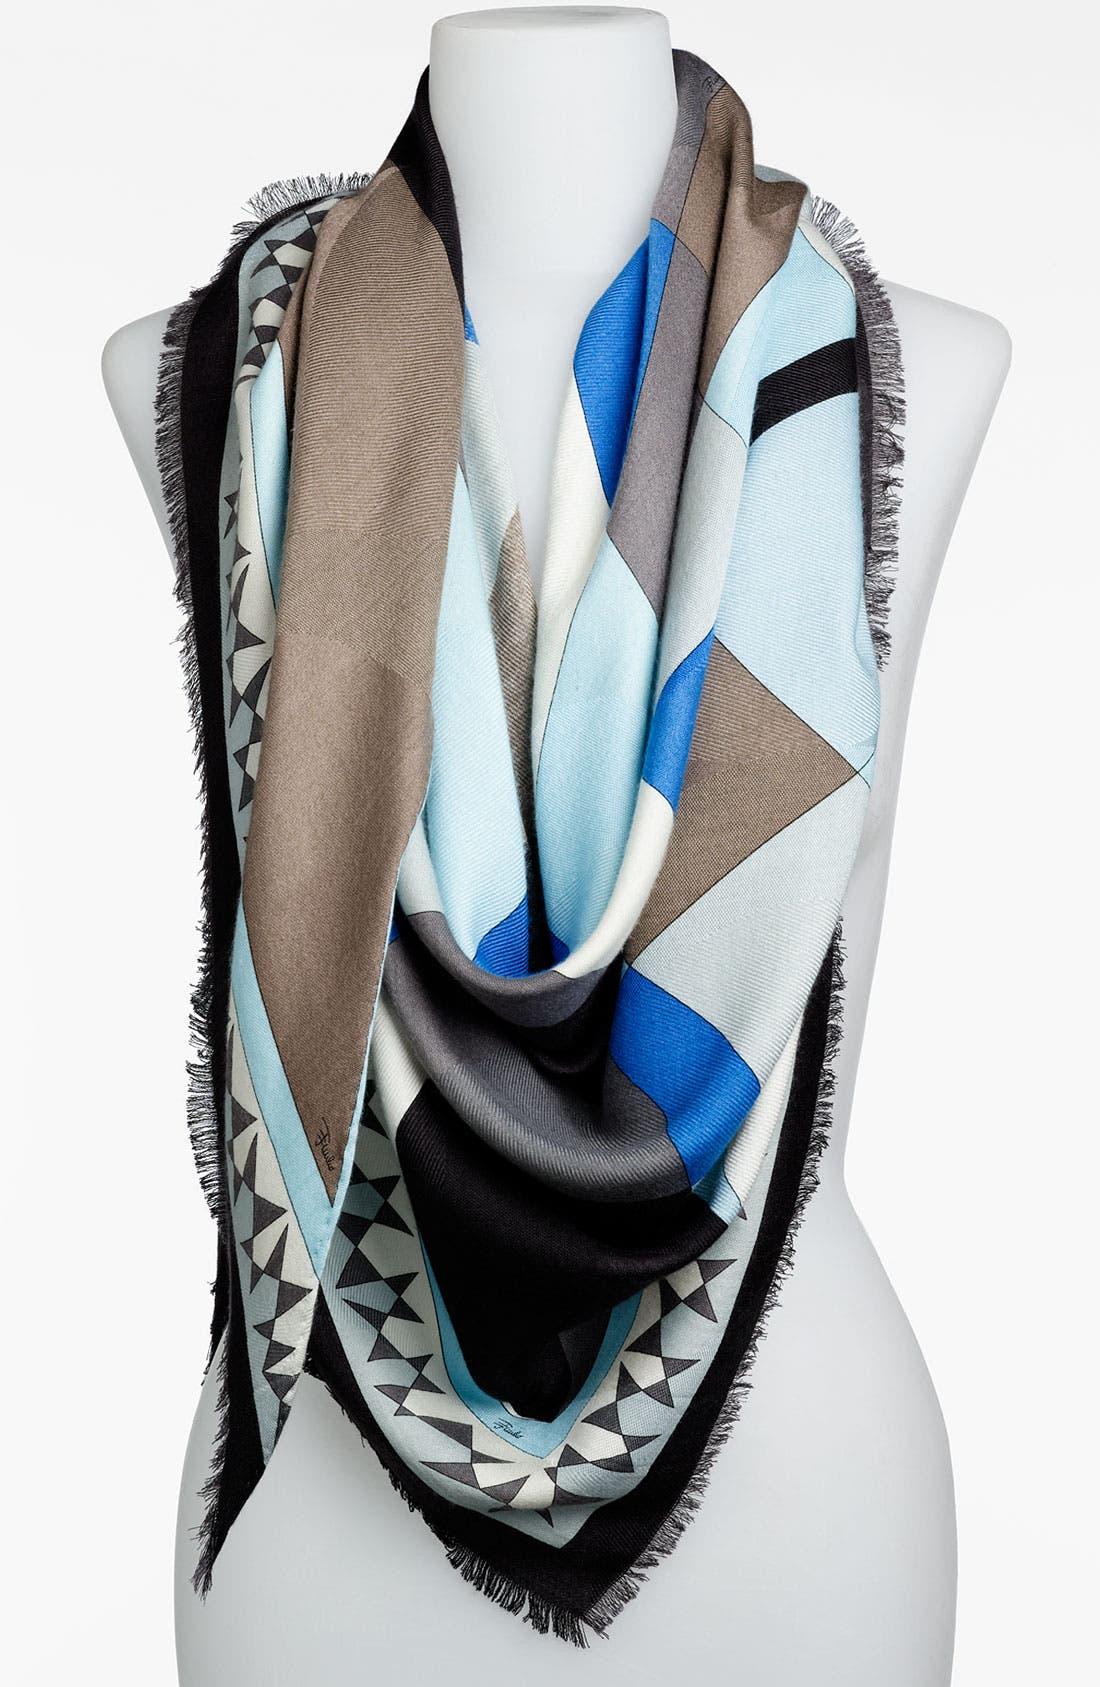 Main Image - Emilio Pucci 'Fantasia' Triangle Scarf